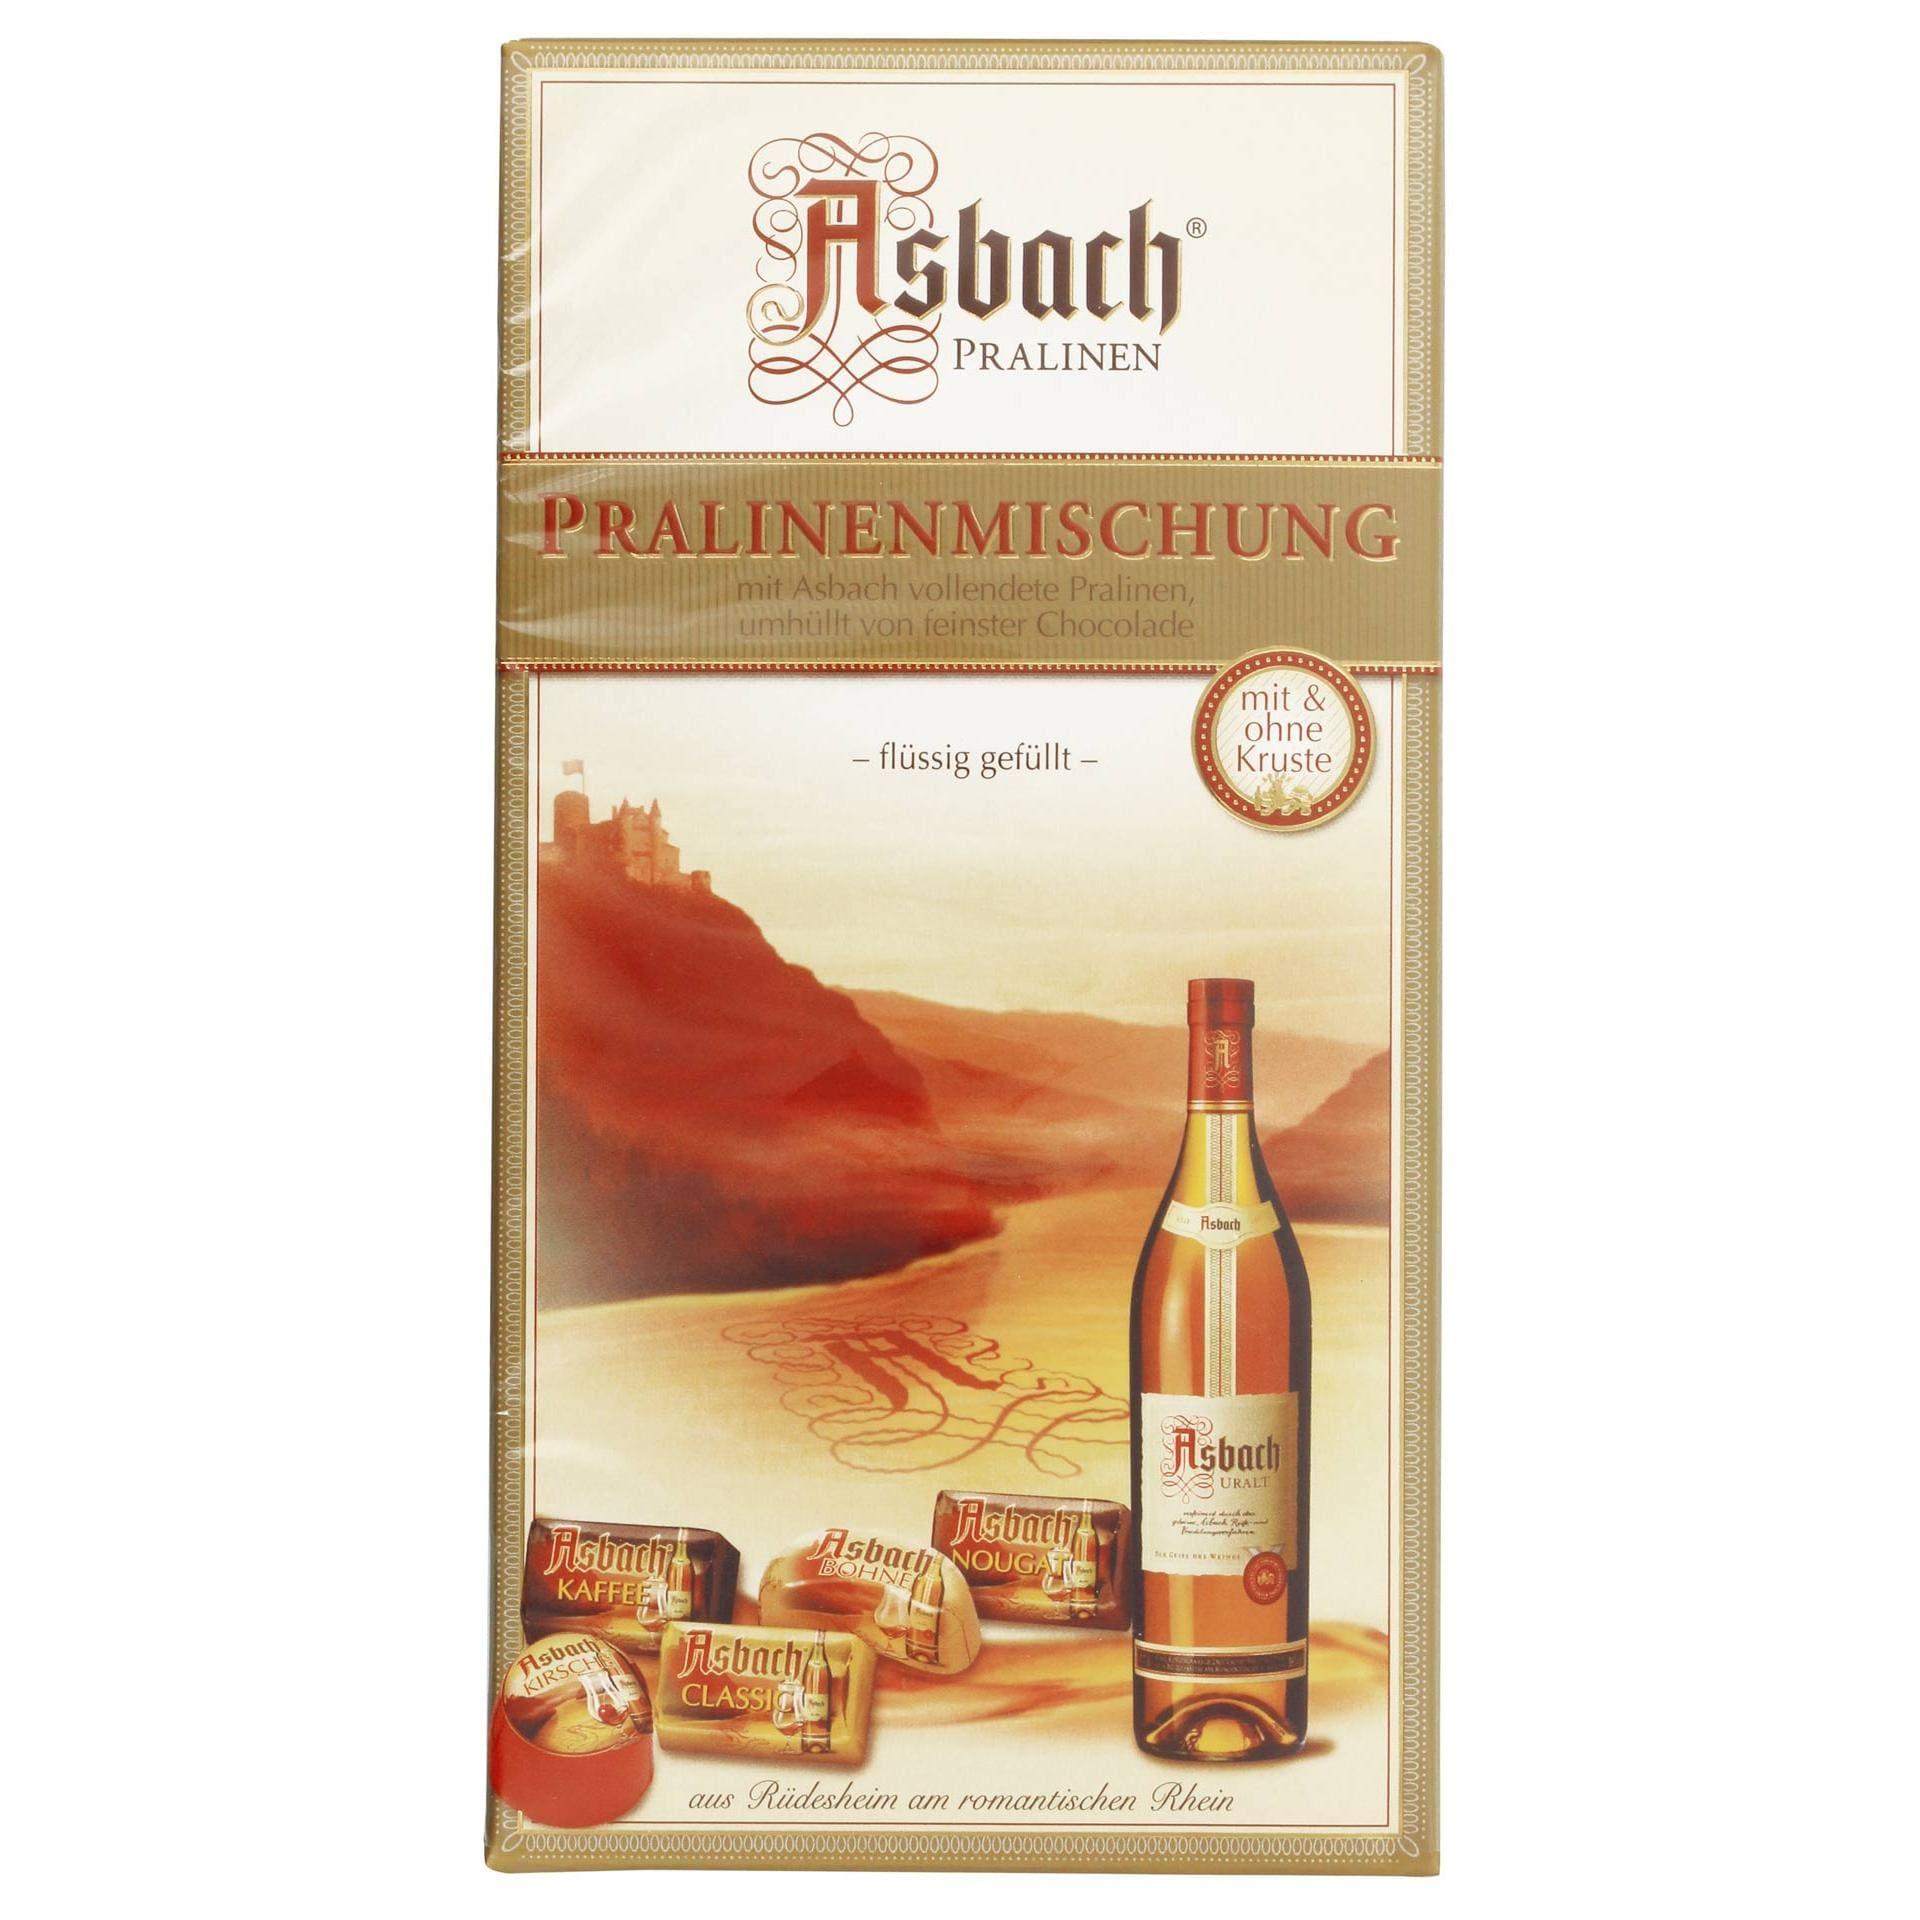 Asbach Pralinenmischung Schokolade 12St/125g